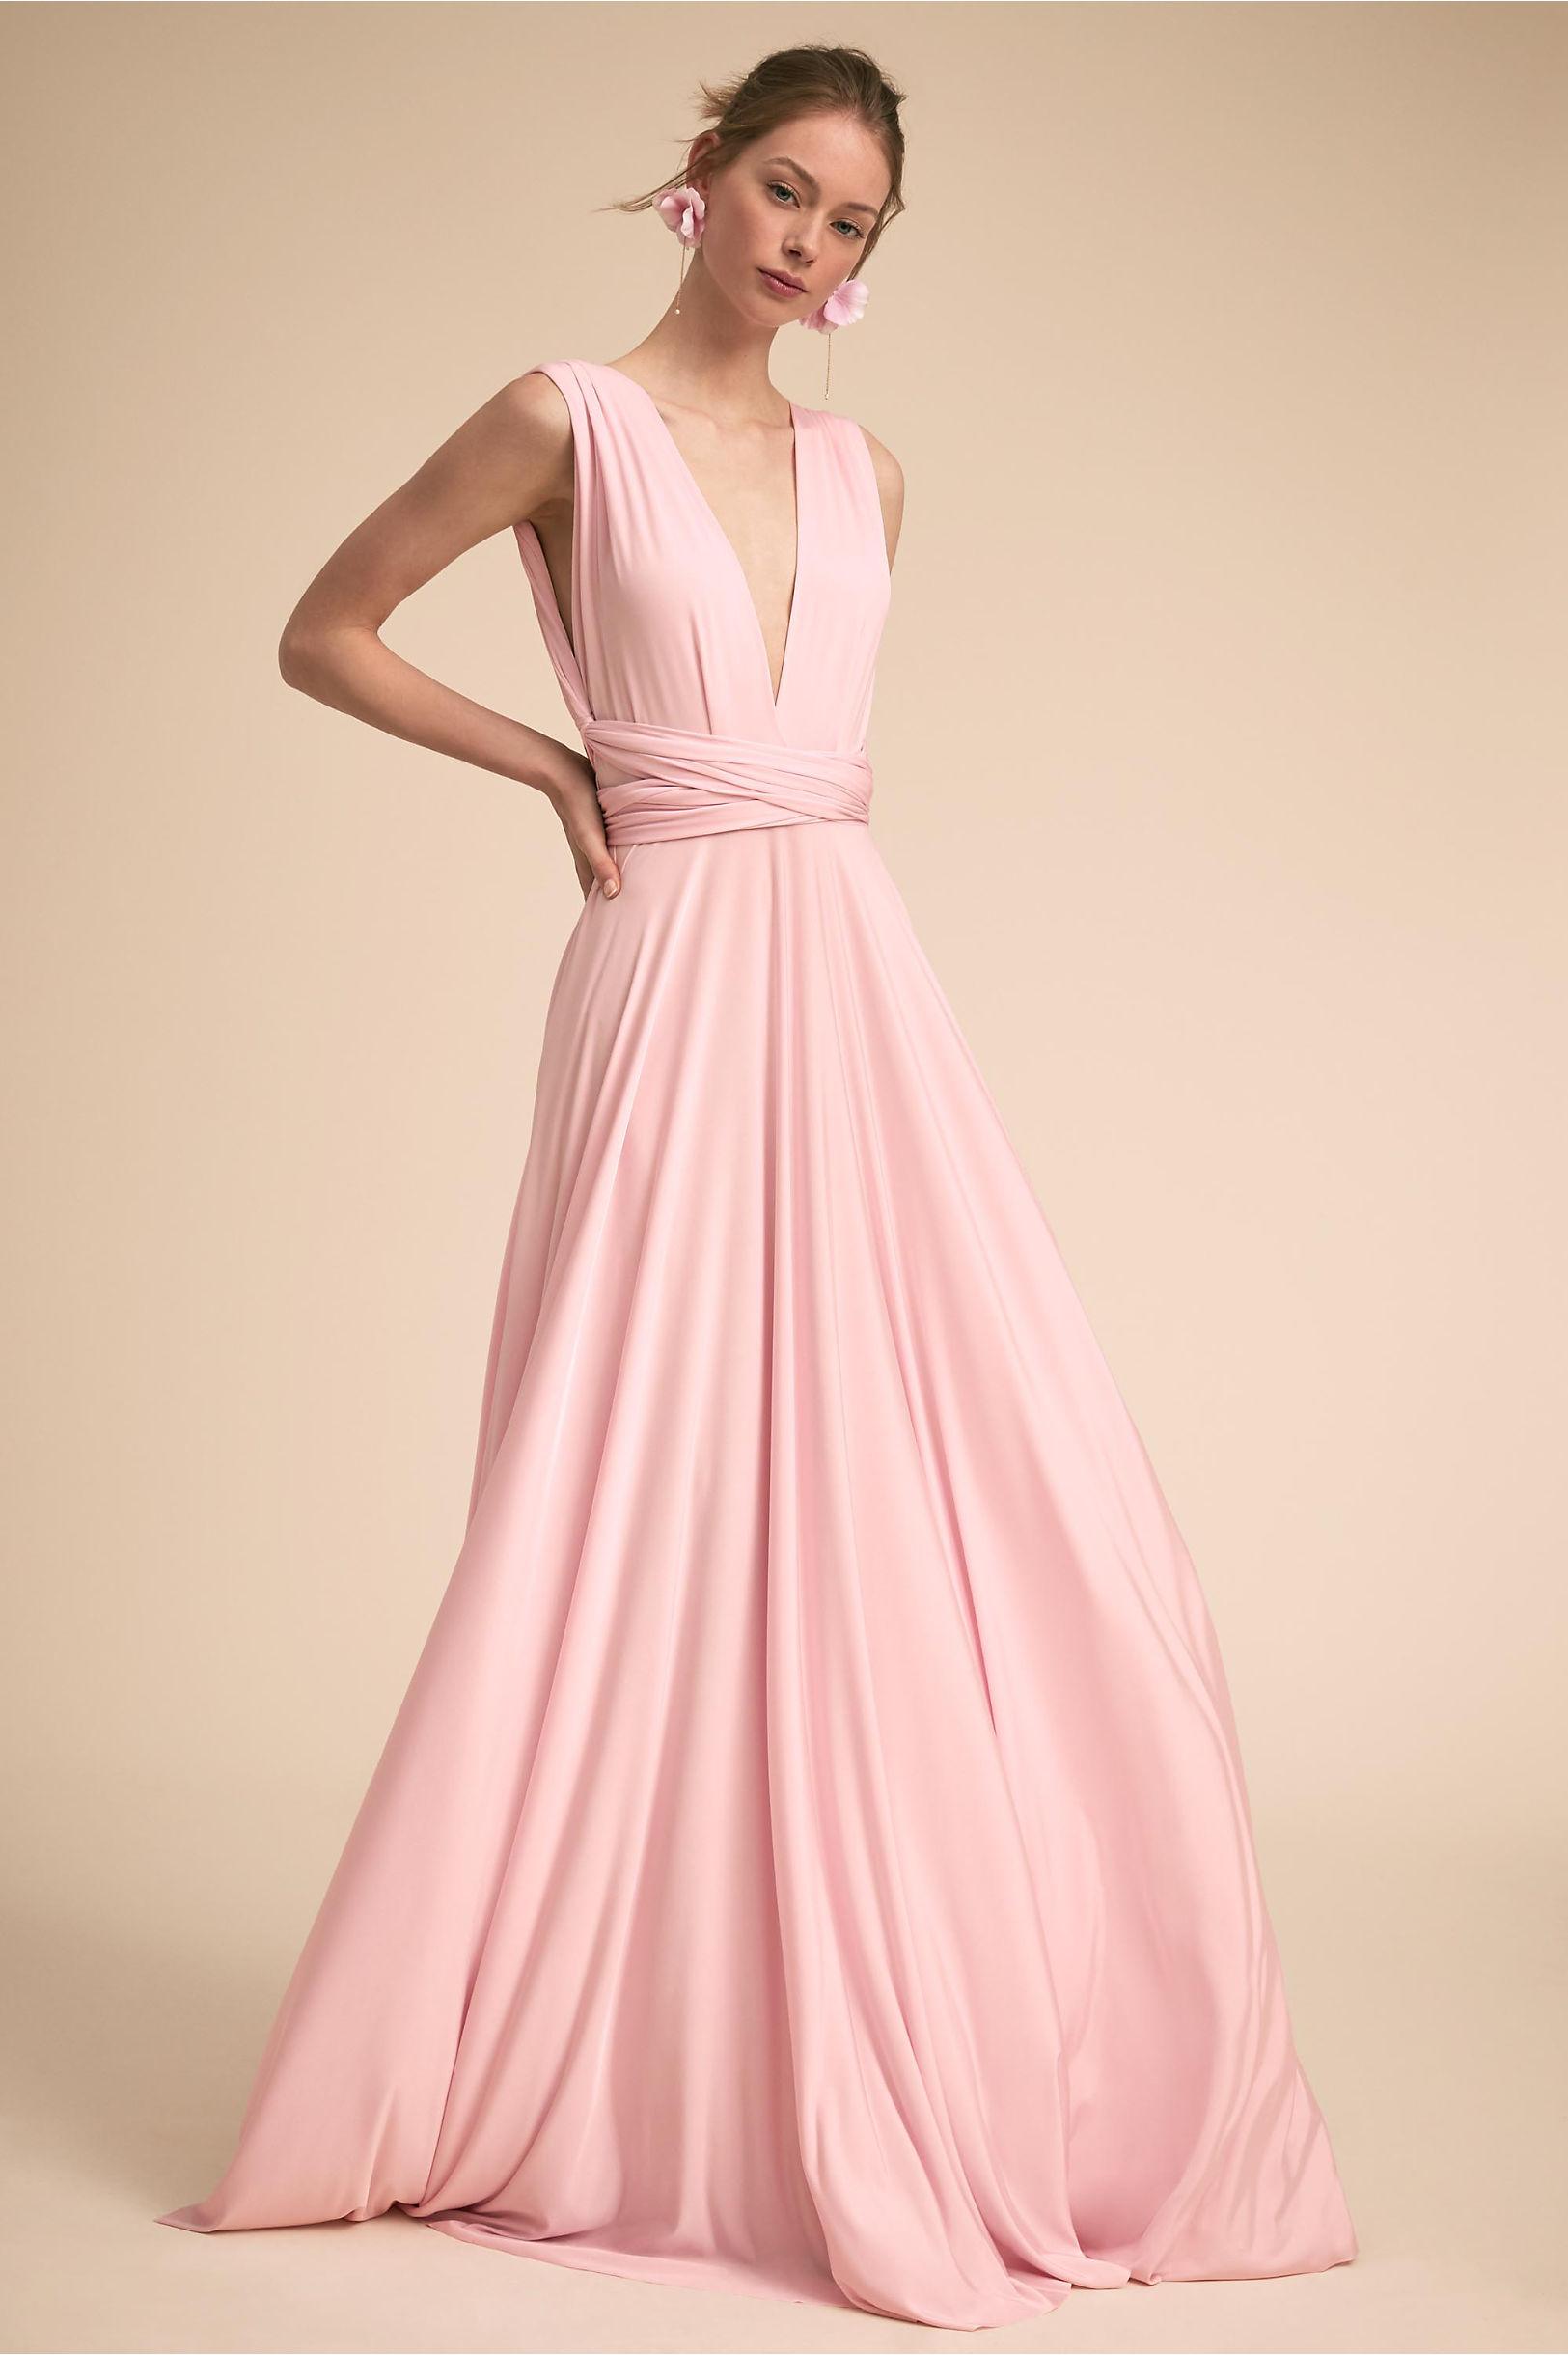 Fantástico Vestidos De Dama Gris Bajo 100 Modelo - Colección del ...